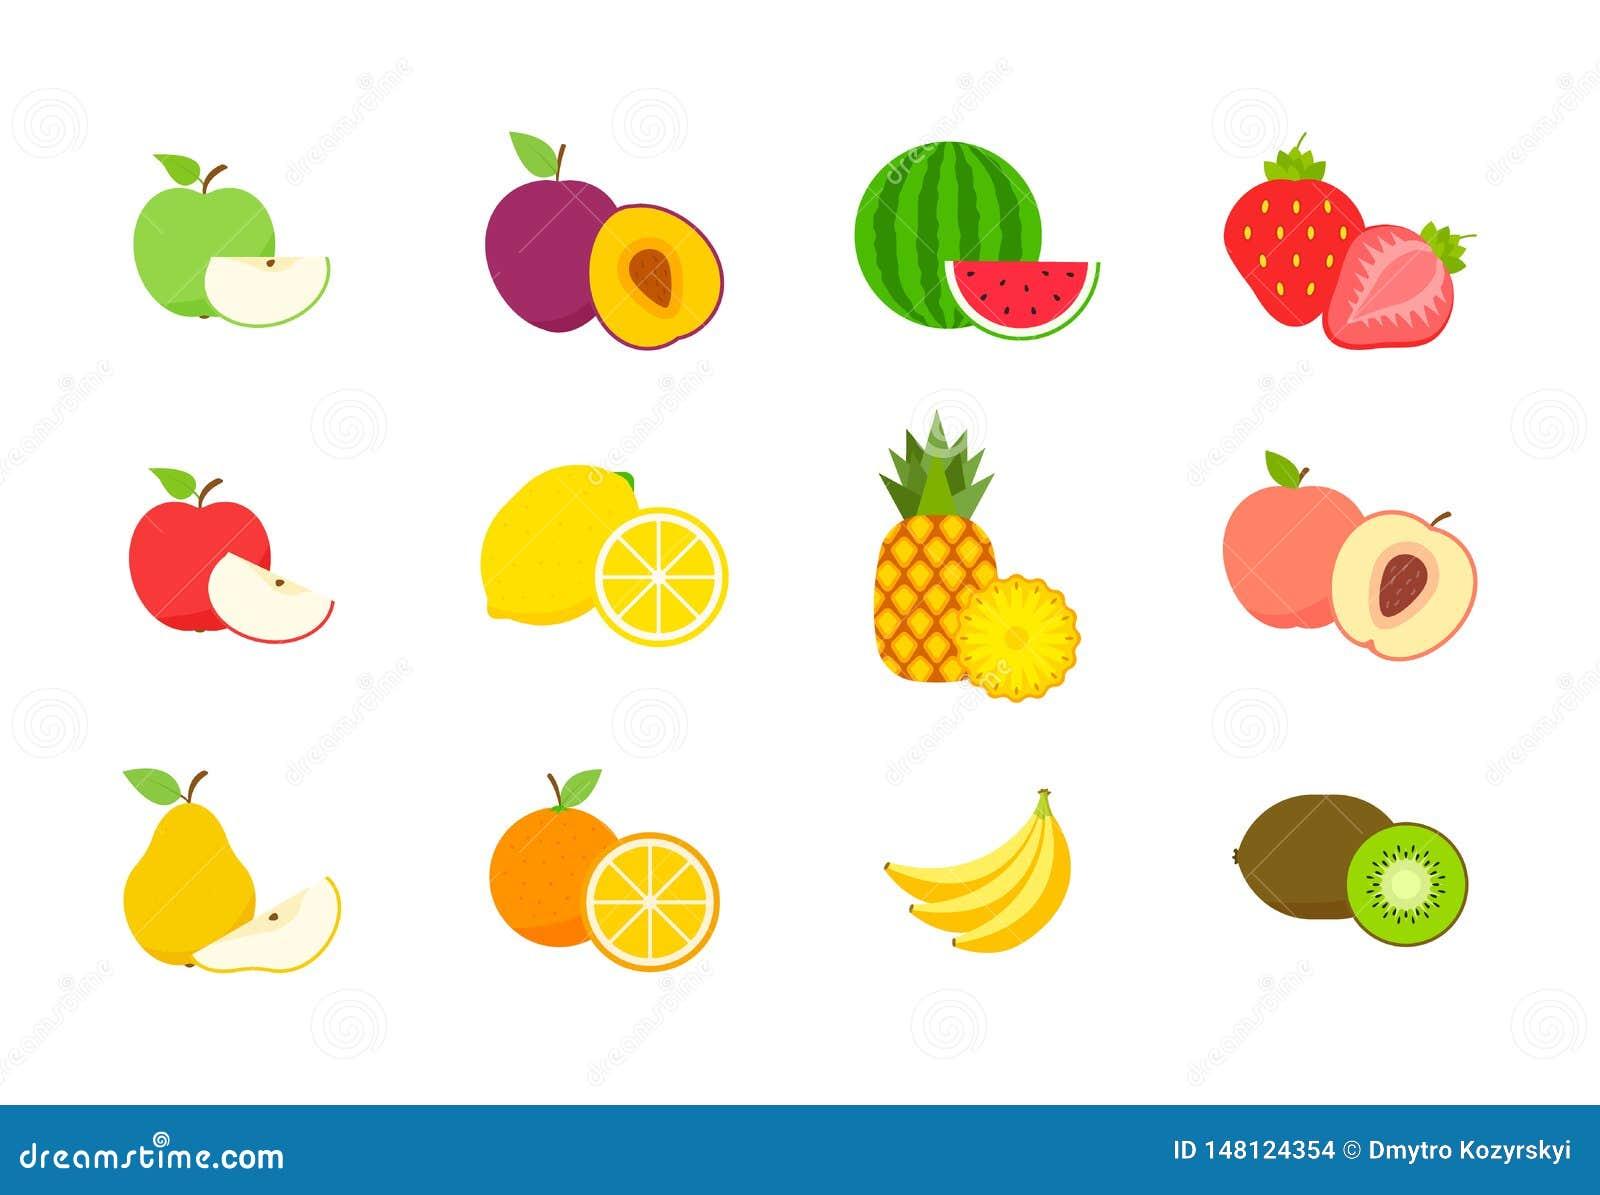 大套果子和莓果 夏天果子 果子苹果,梨,草莓,桔子,桃子,李子,香蕉,西瓜,菠萝,